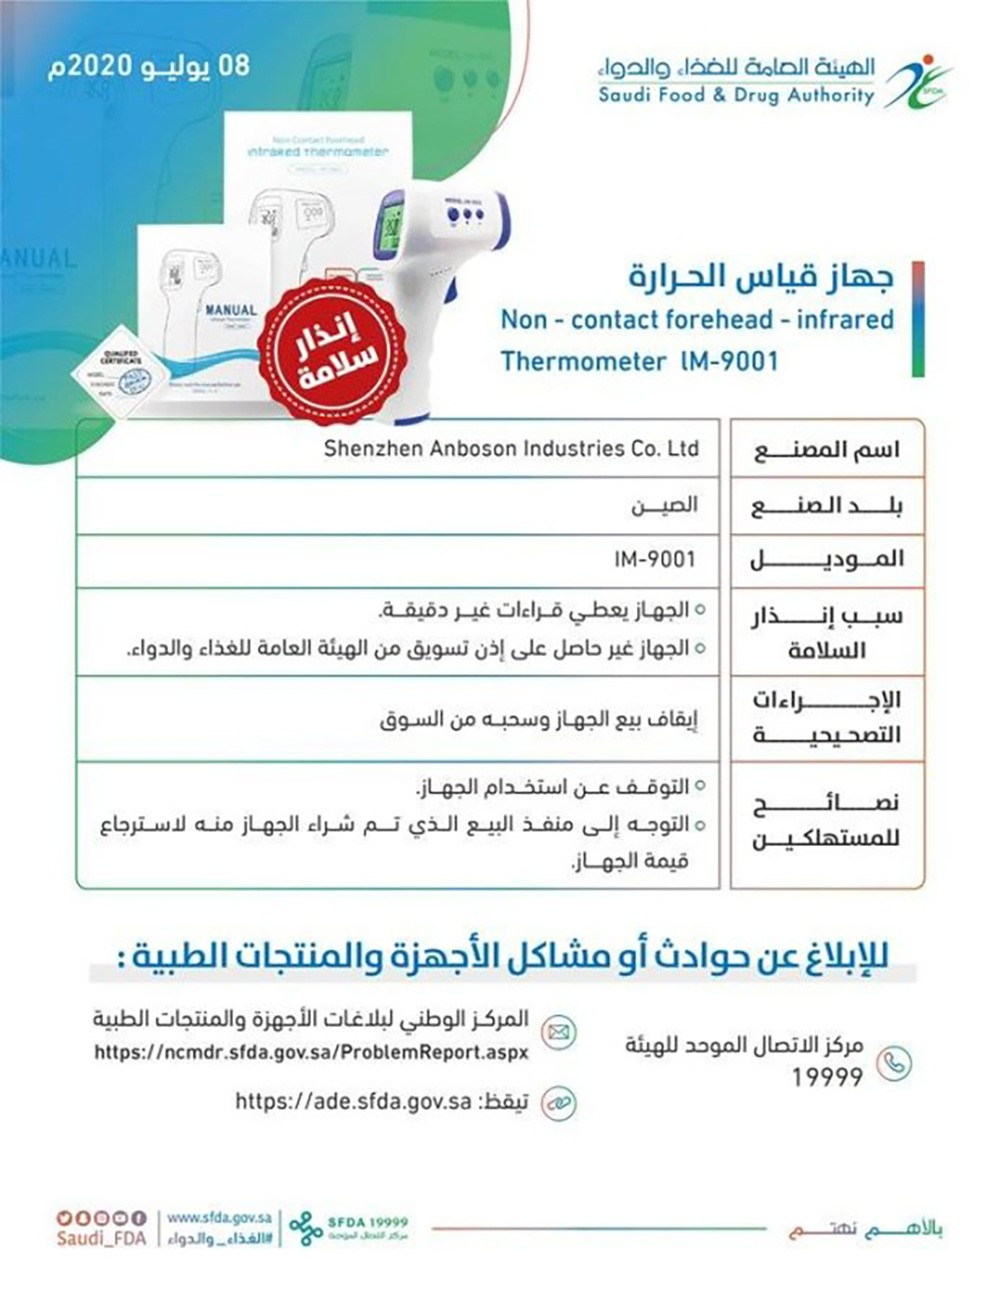 السعودية تسحب جهازا لقياس الحرارة.. والسبب عدم دقة قراءته